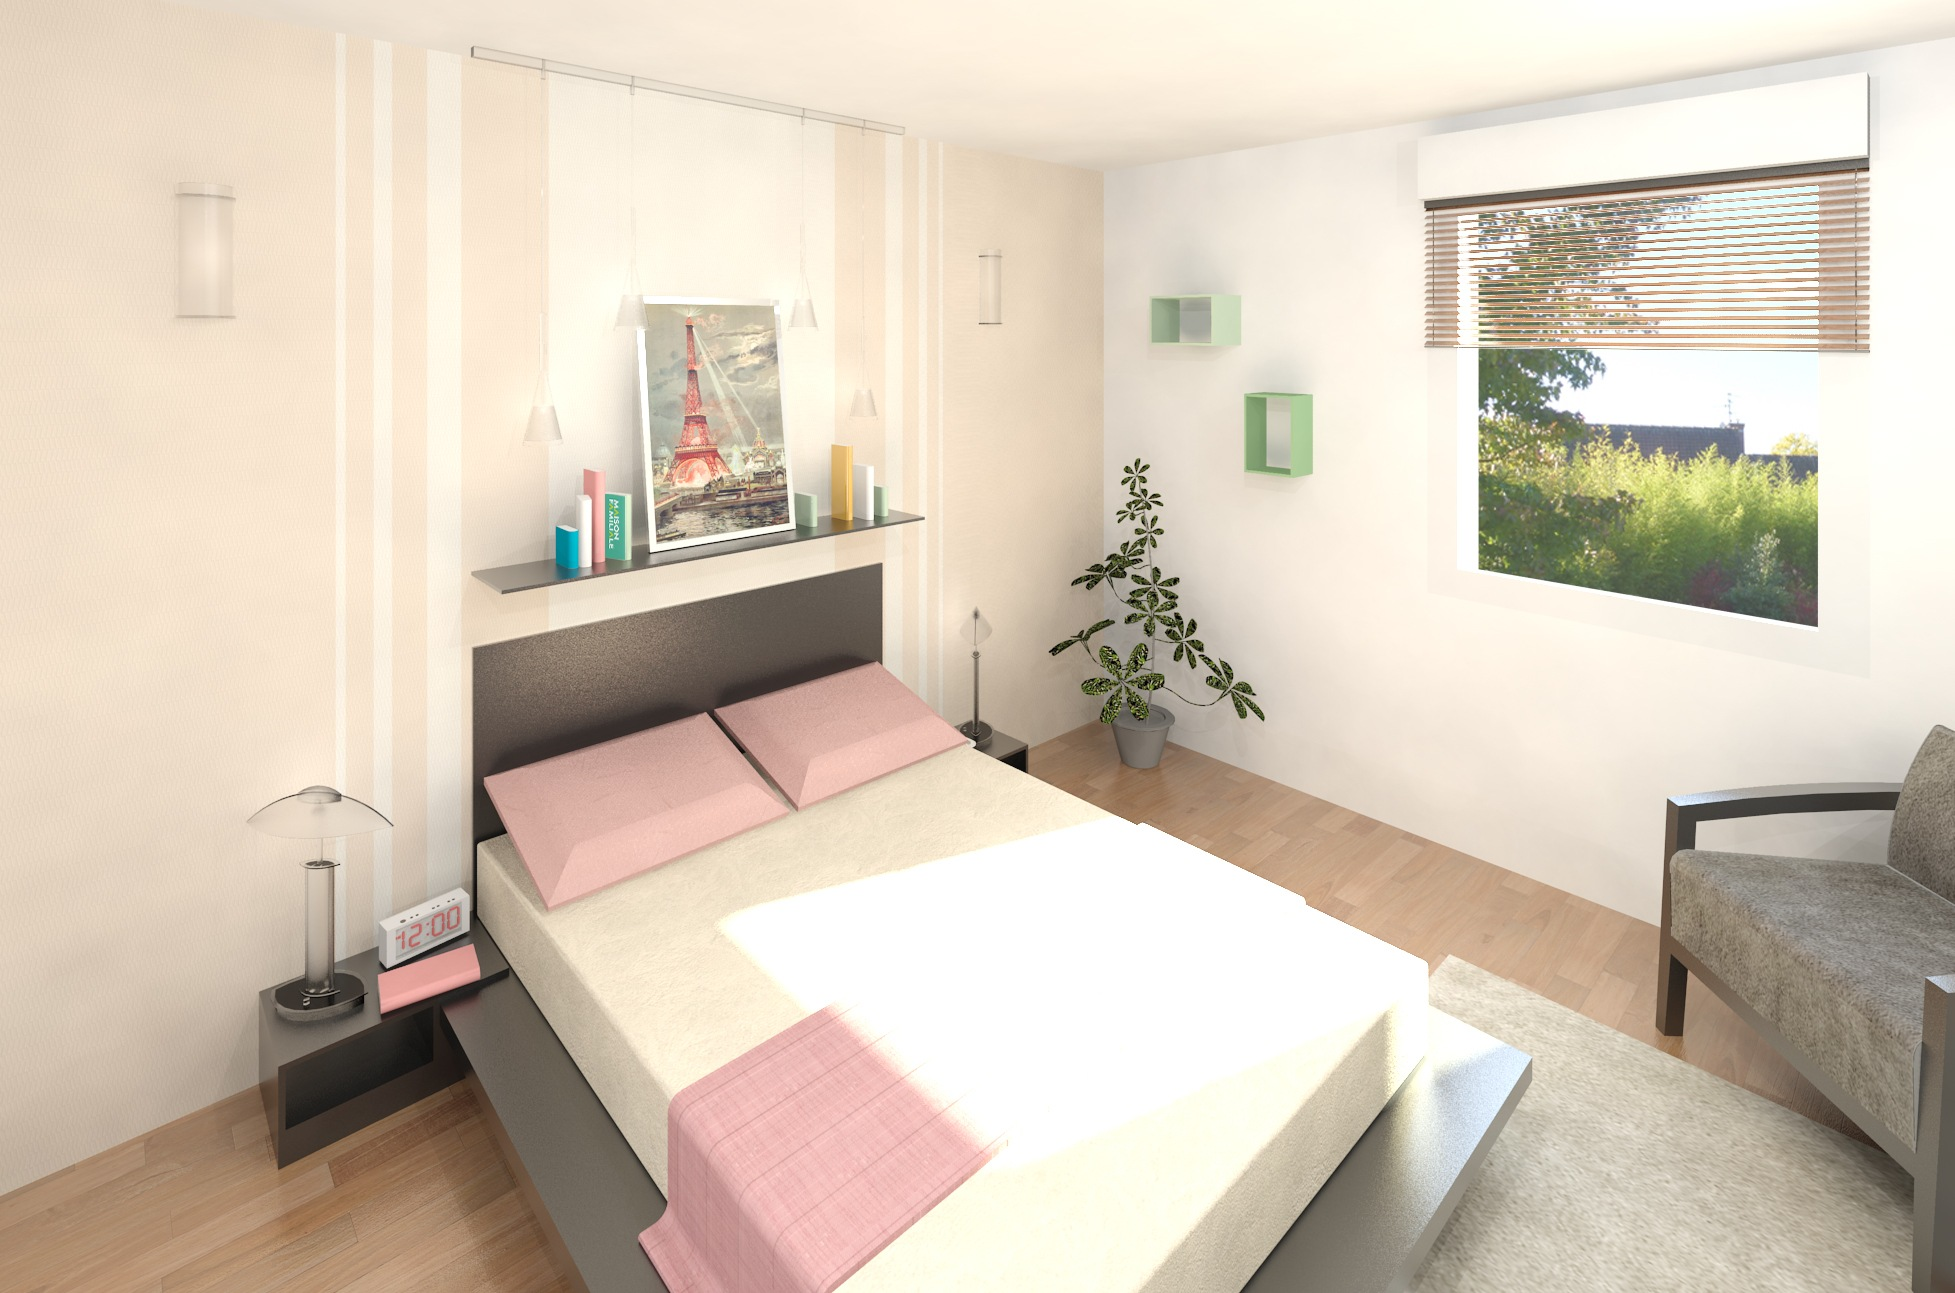 Maisons + Terrains du constructeur MAISON FAMILIALE • 93 m² • VILLENEUVE SUR BELLOT